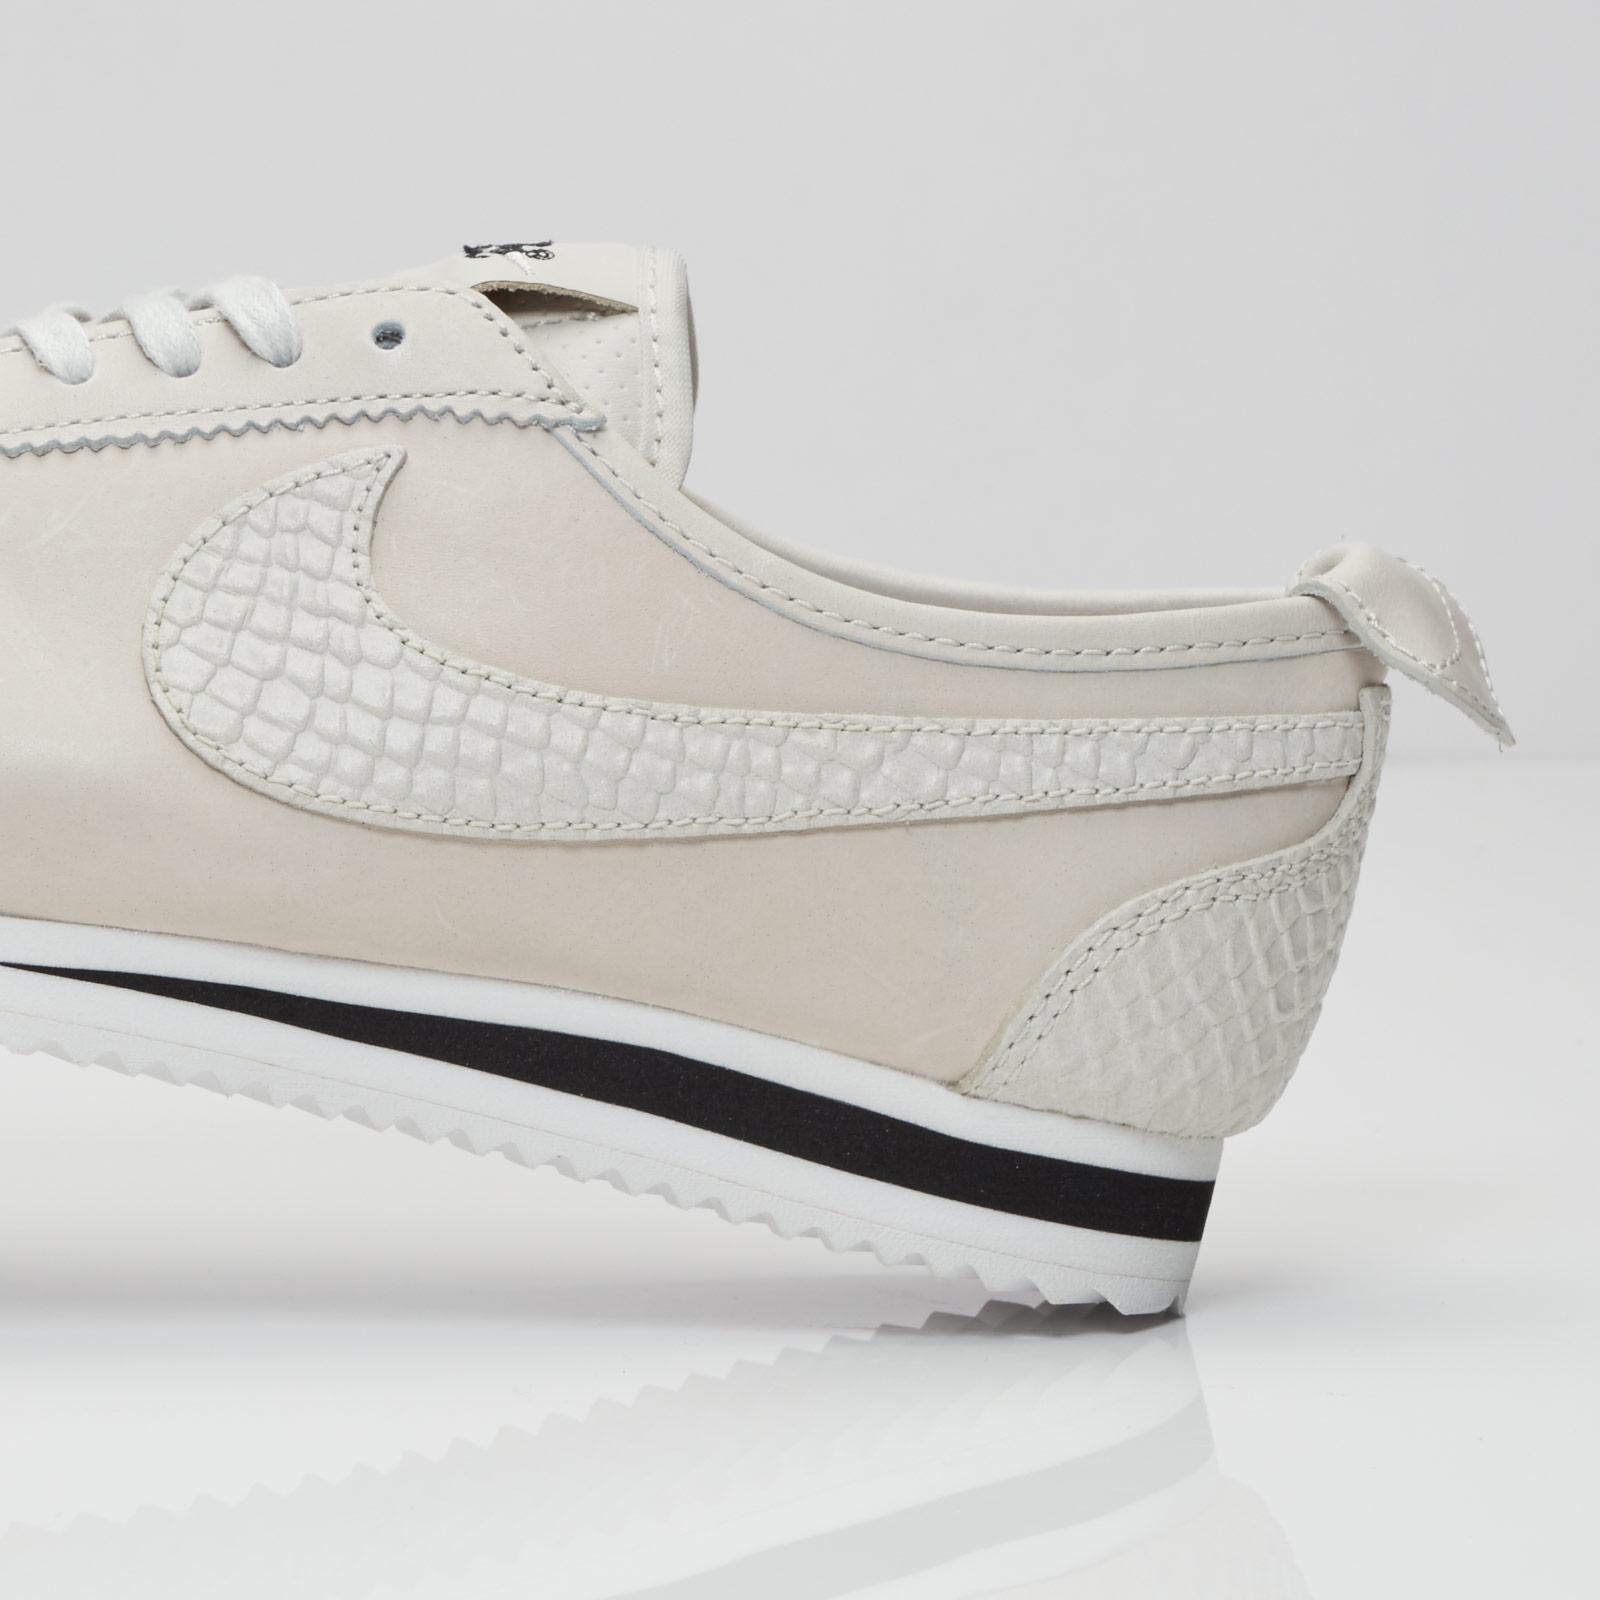 size 40 058b2 ea588 ... Nike Wmns Cortez 72